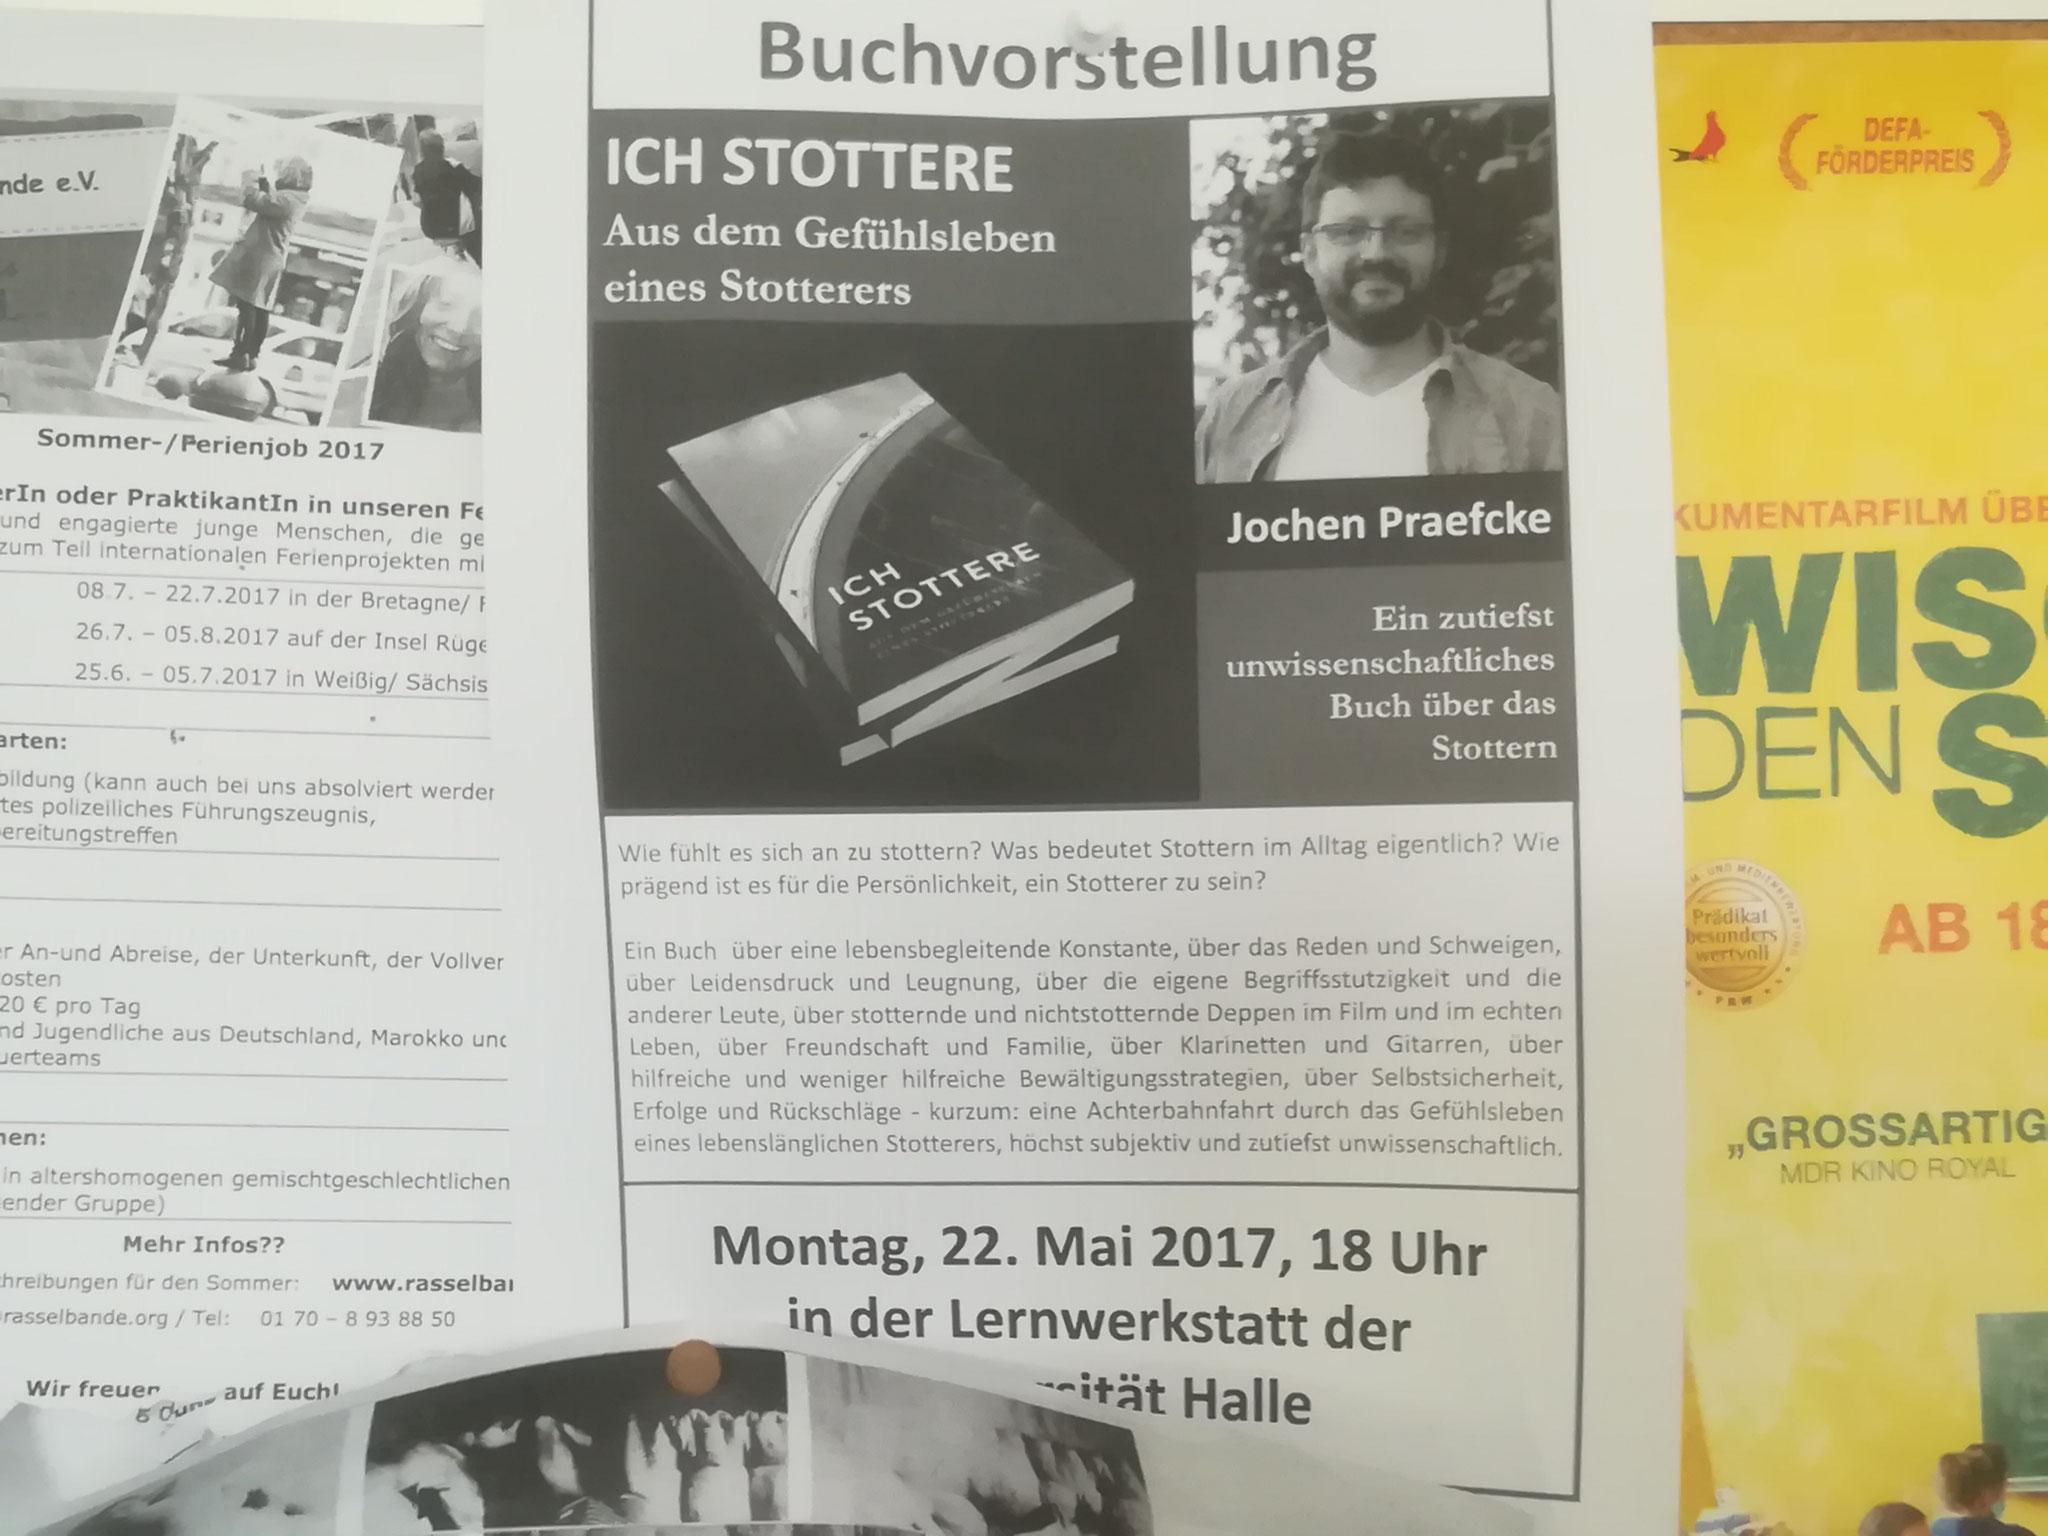 Aushang an der Martin-Luther-Universität, Halle (Saale)